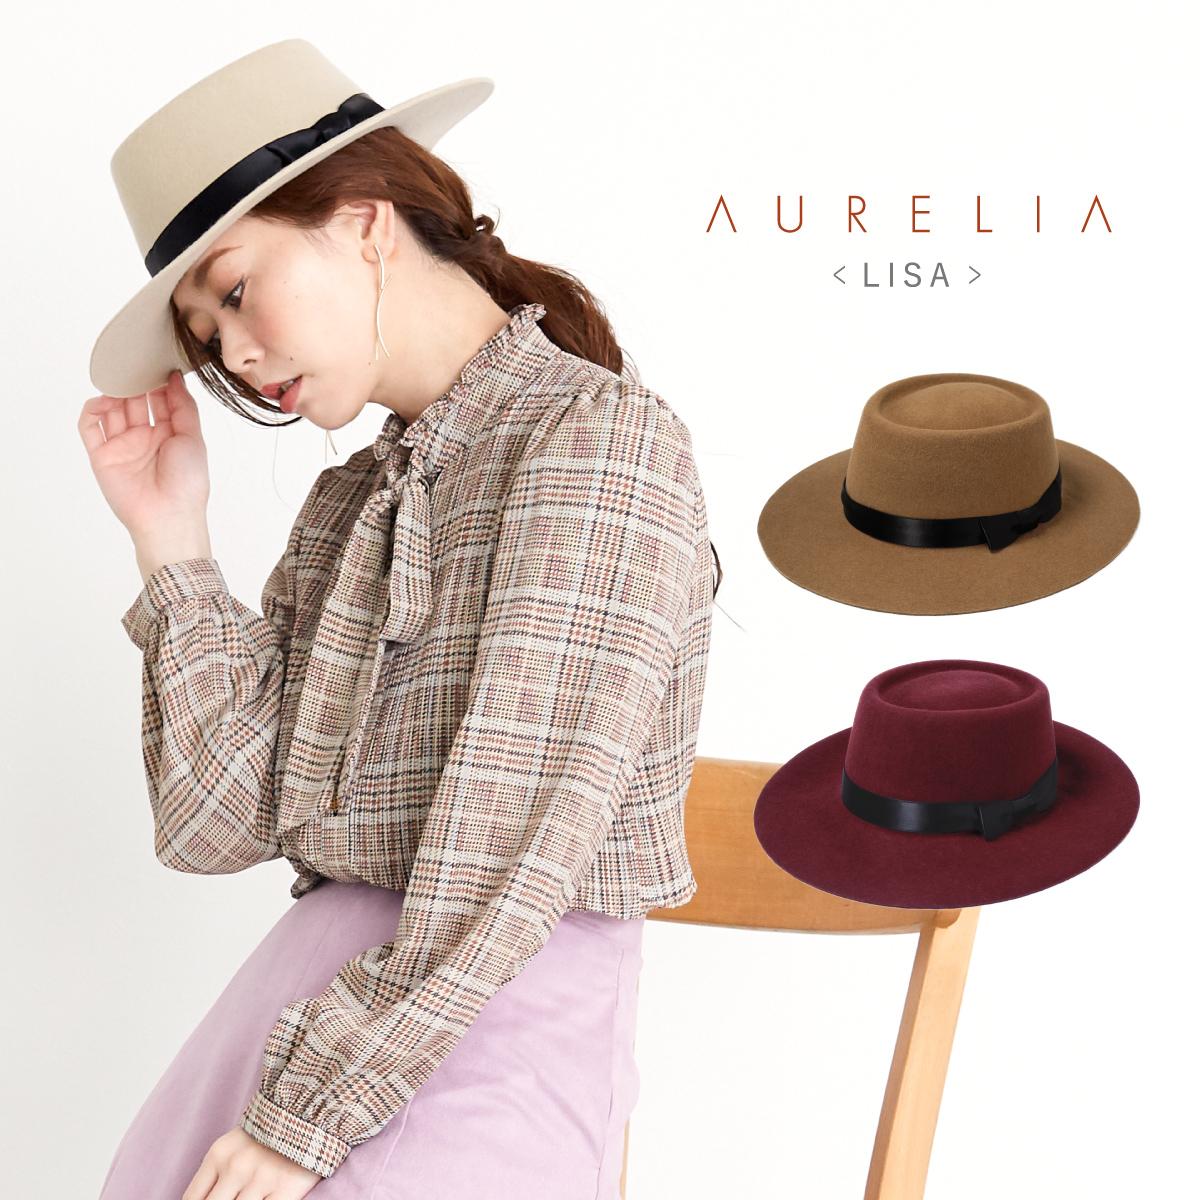 帽子 レディース 秋冬 つば広 フェルト ポークパイハット アウレリア 2021 LISA 使い勝手の良い 送料無料 母の日 日本製 AURELIA ギフト 正規認証品 新規格